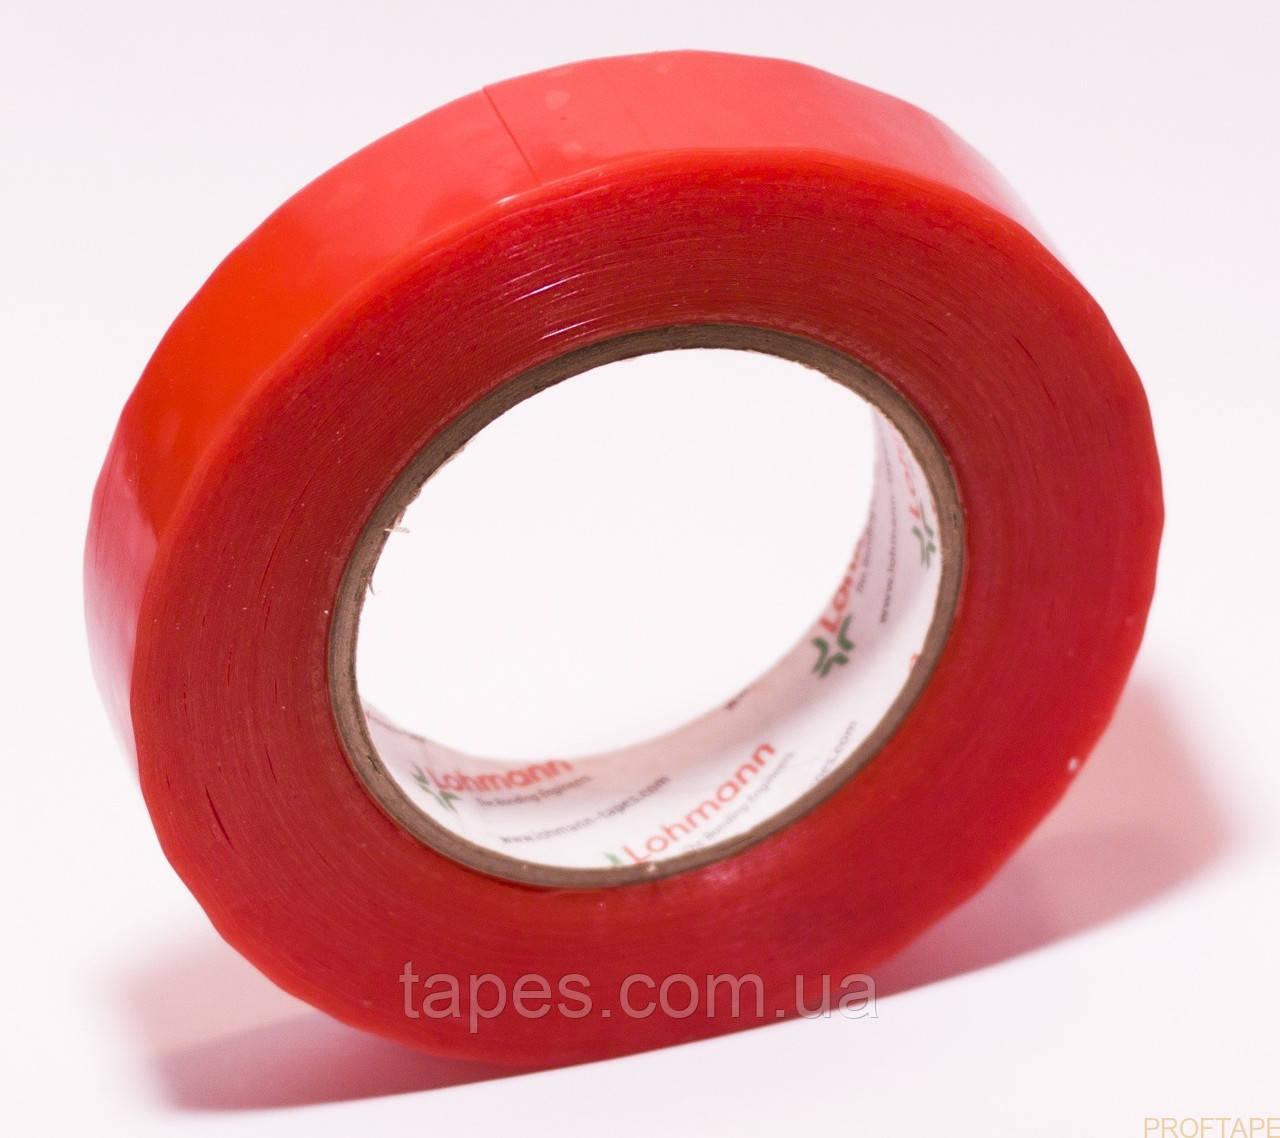 Двухсторонняя прозрачная, не деформируемая монтажная лента (скотч) Lohmann Duplocoll 377, 6мм х 50м х 0,28 мм